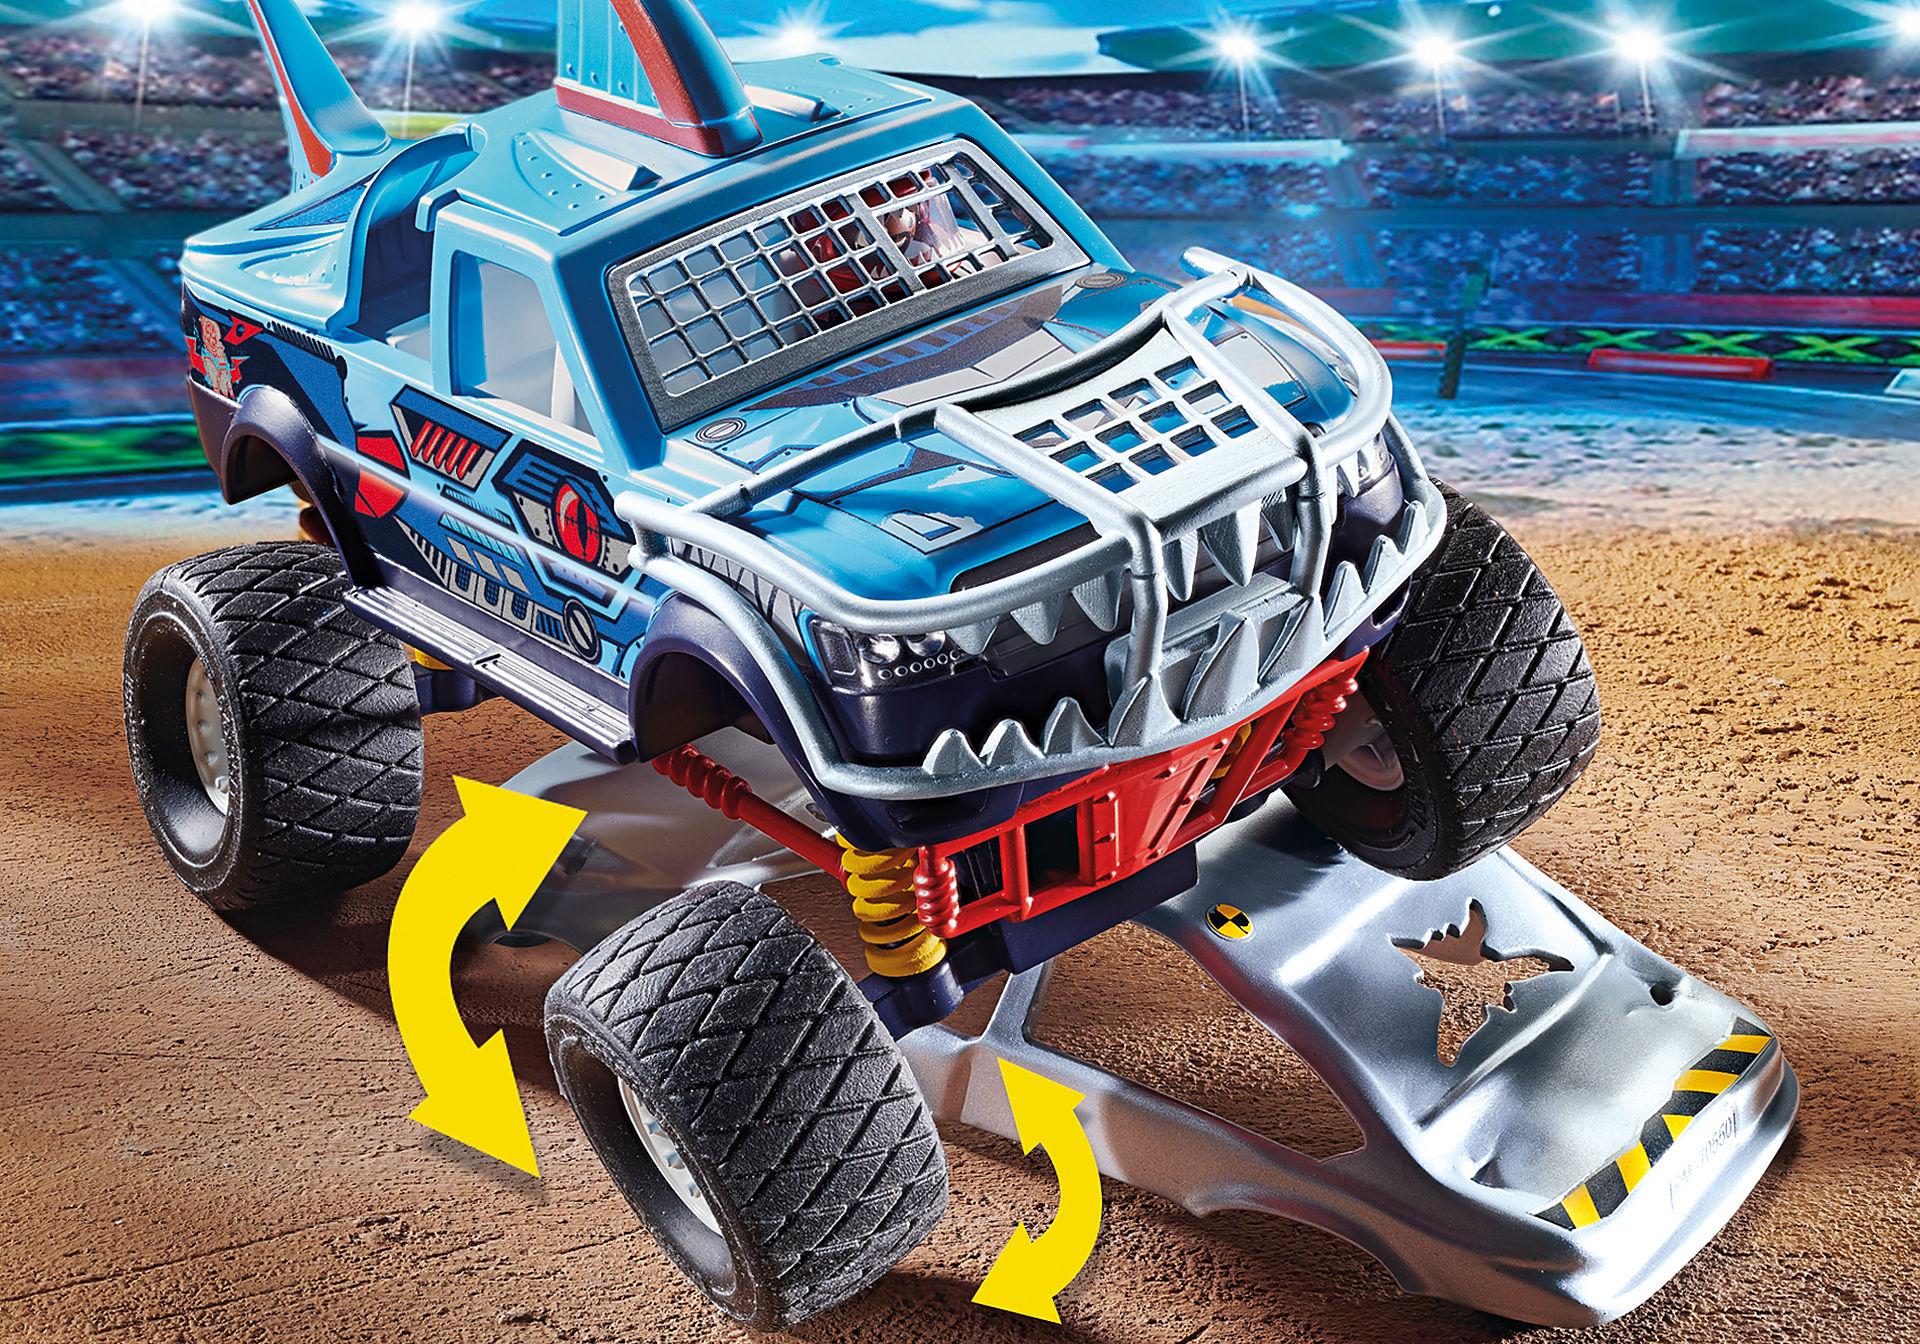 70550 Stuntshow Monster Truck Shark zoom image5